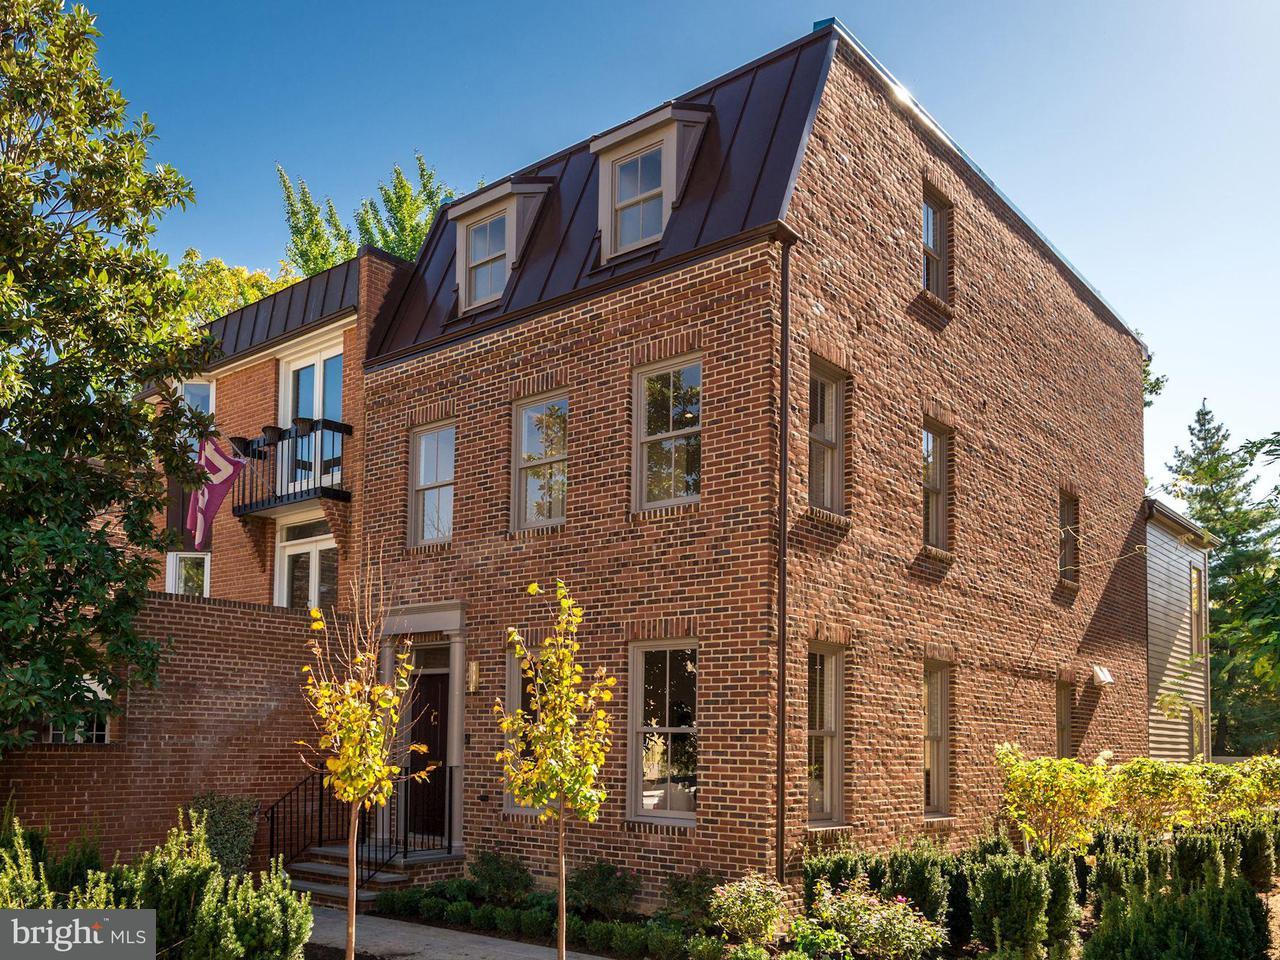 タウンハウス のために 売買 アット 3324 DENT PL NW 3324 DENT PL NW Washington, コロンビア特別区 20007 アメリカ合衆国